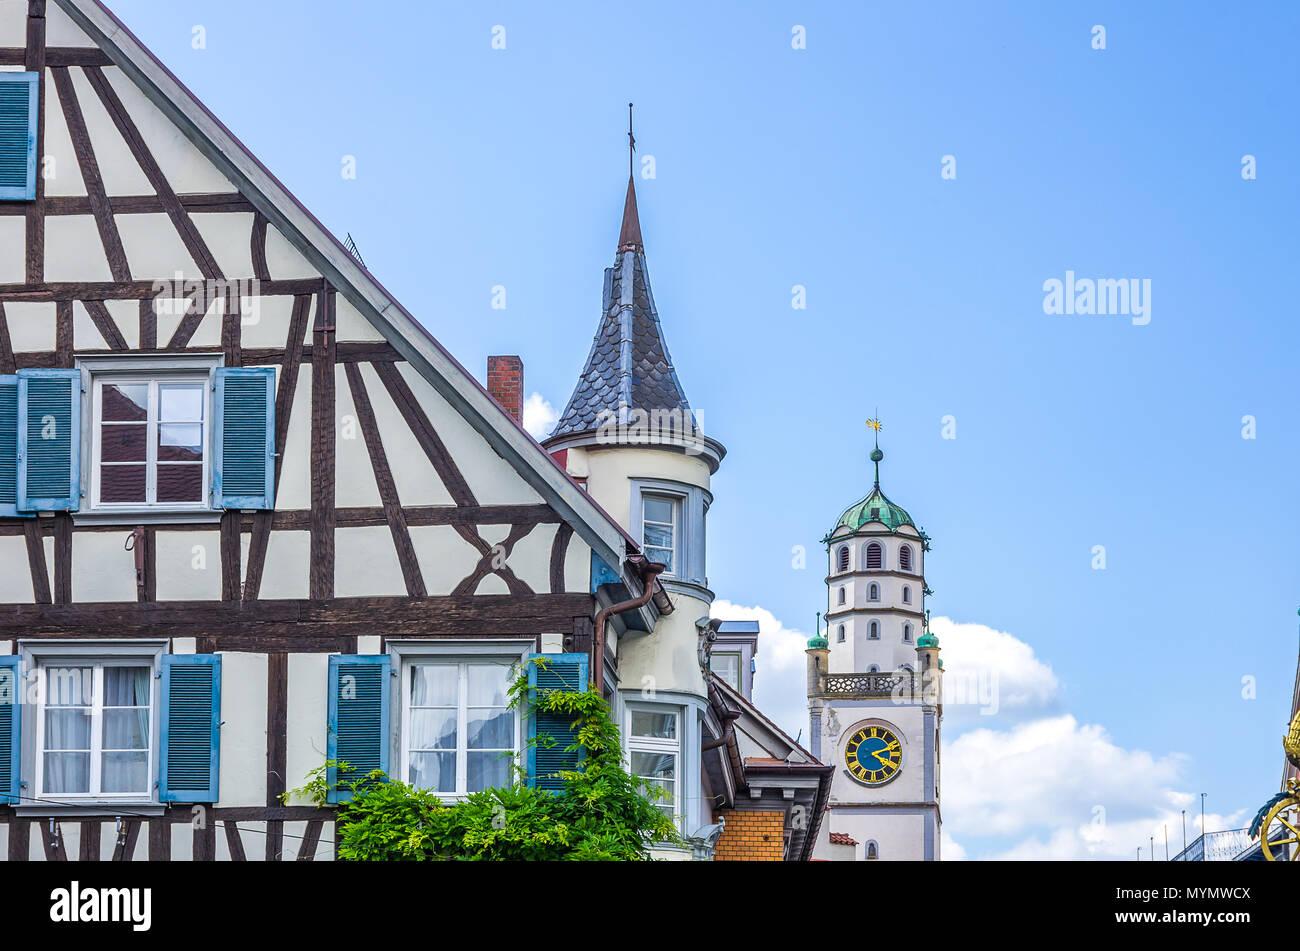 Ravensburg, Baden-Württemberg, Oberschwaben, Deutschland - Stadt der Türme und Türmen. Stockbild